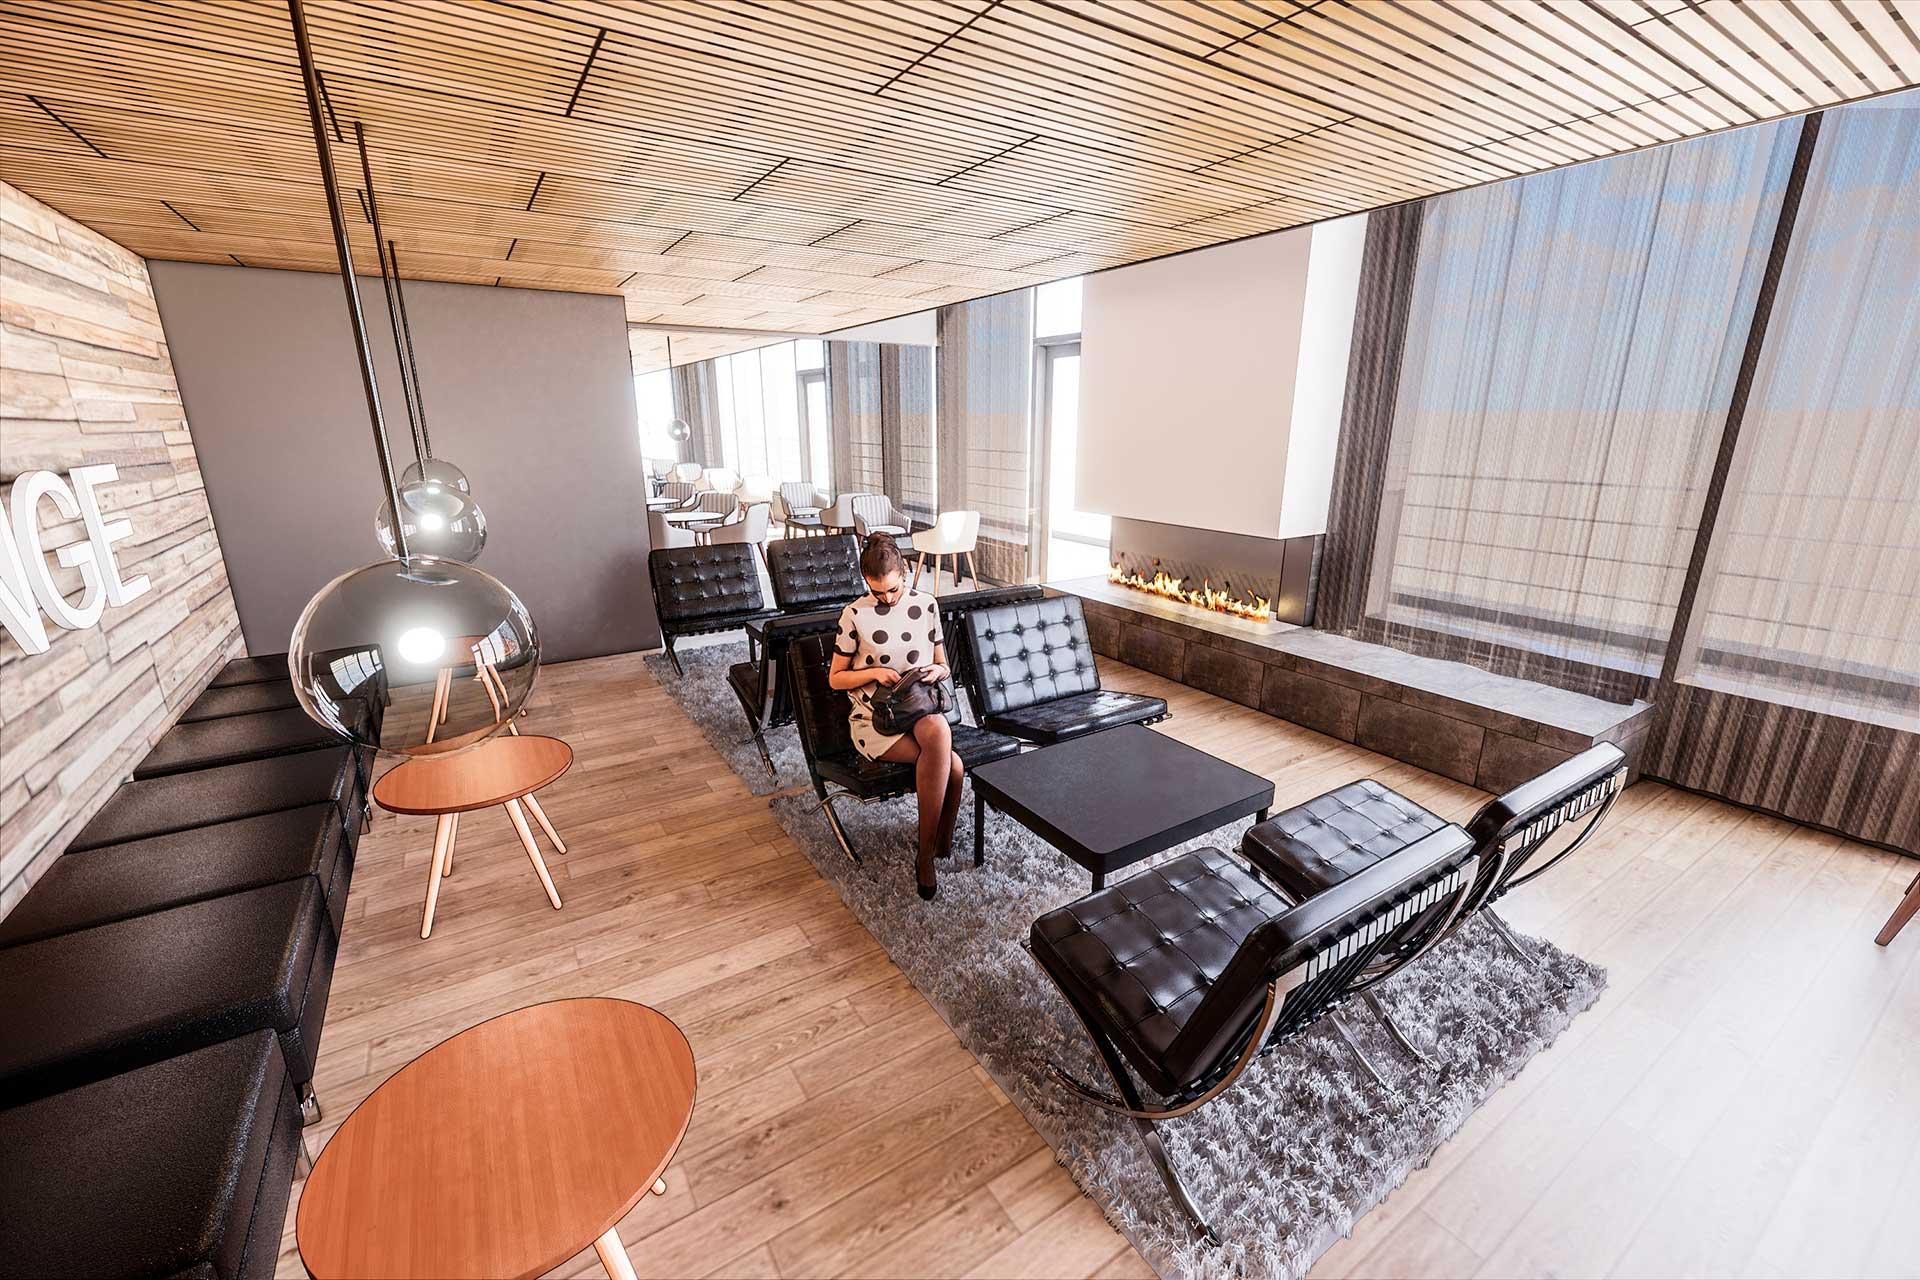 Tyylikäs ja moderni kokoustila Hotel Mattsin ylimmässä kerroksessa Espoossa.